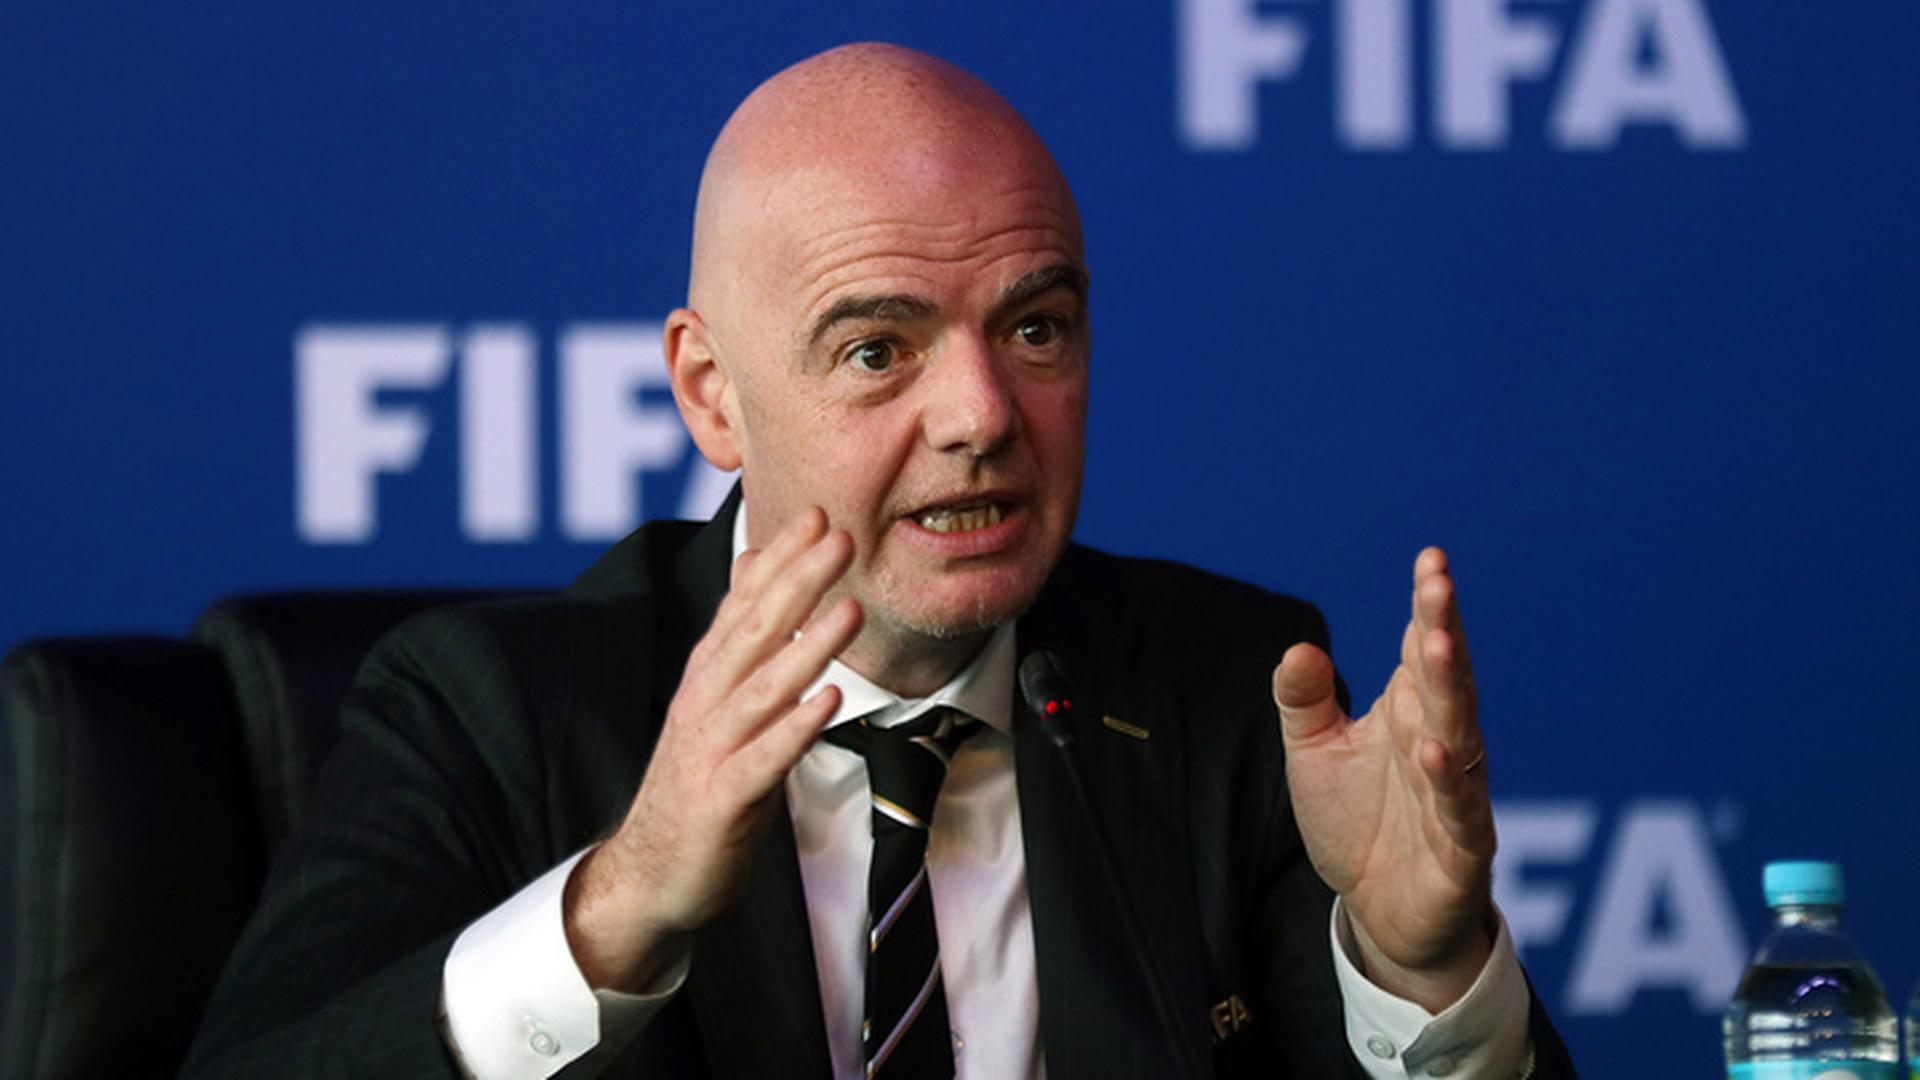 Джанни Инфантино: чемпионат мира меняет восприятие России Западом